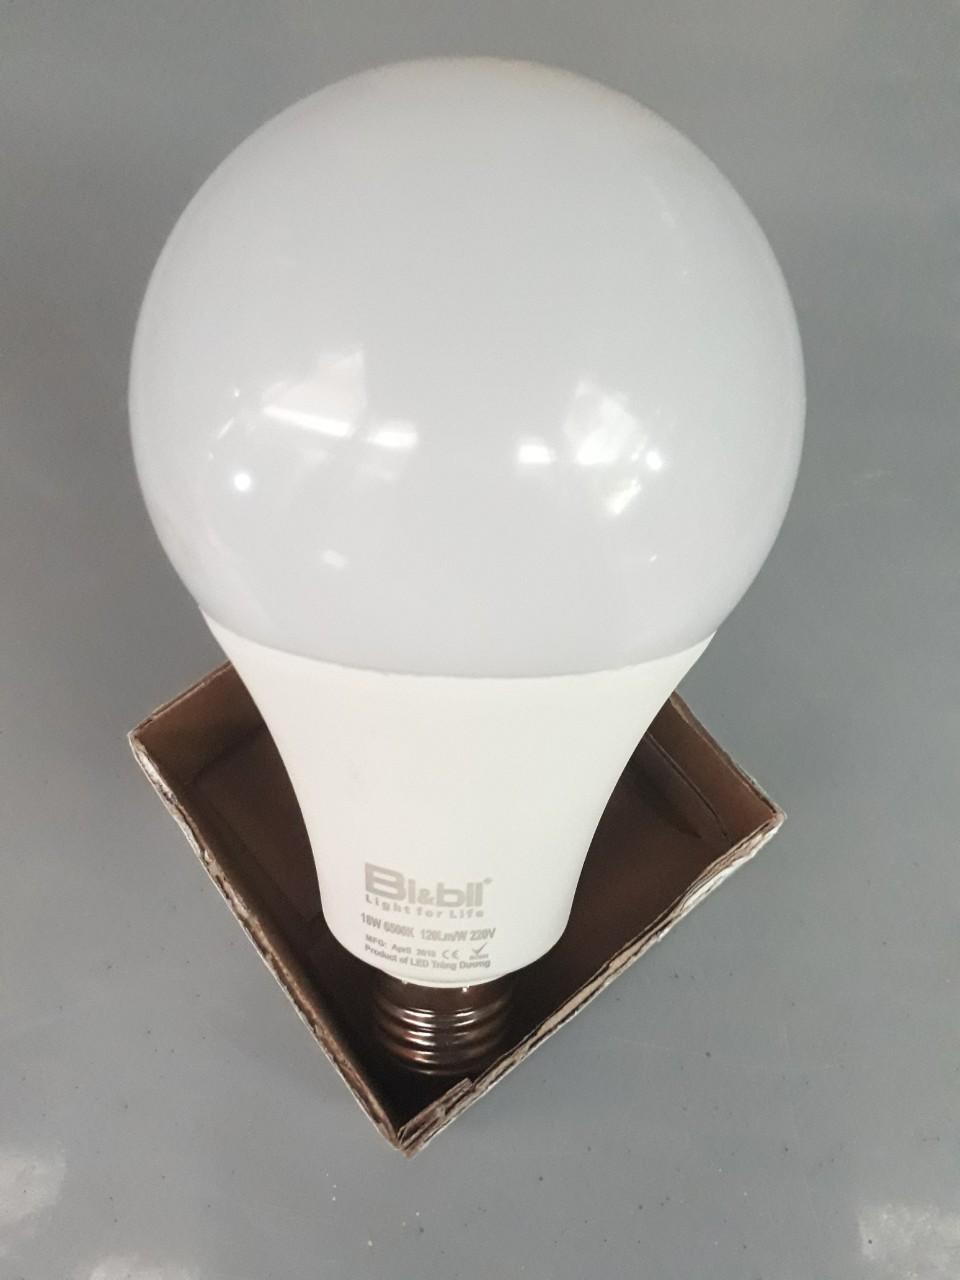 Đèn led Bulb 18W ánh sáng trắng  TGCN-38774 Bi&Bil